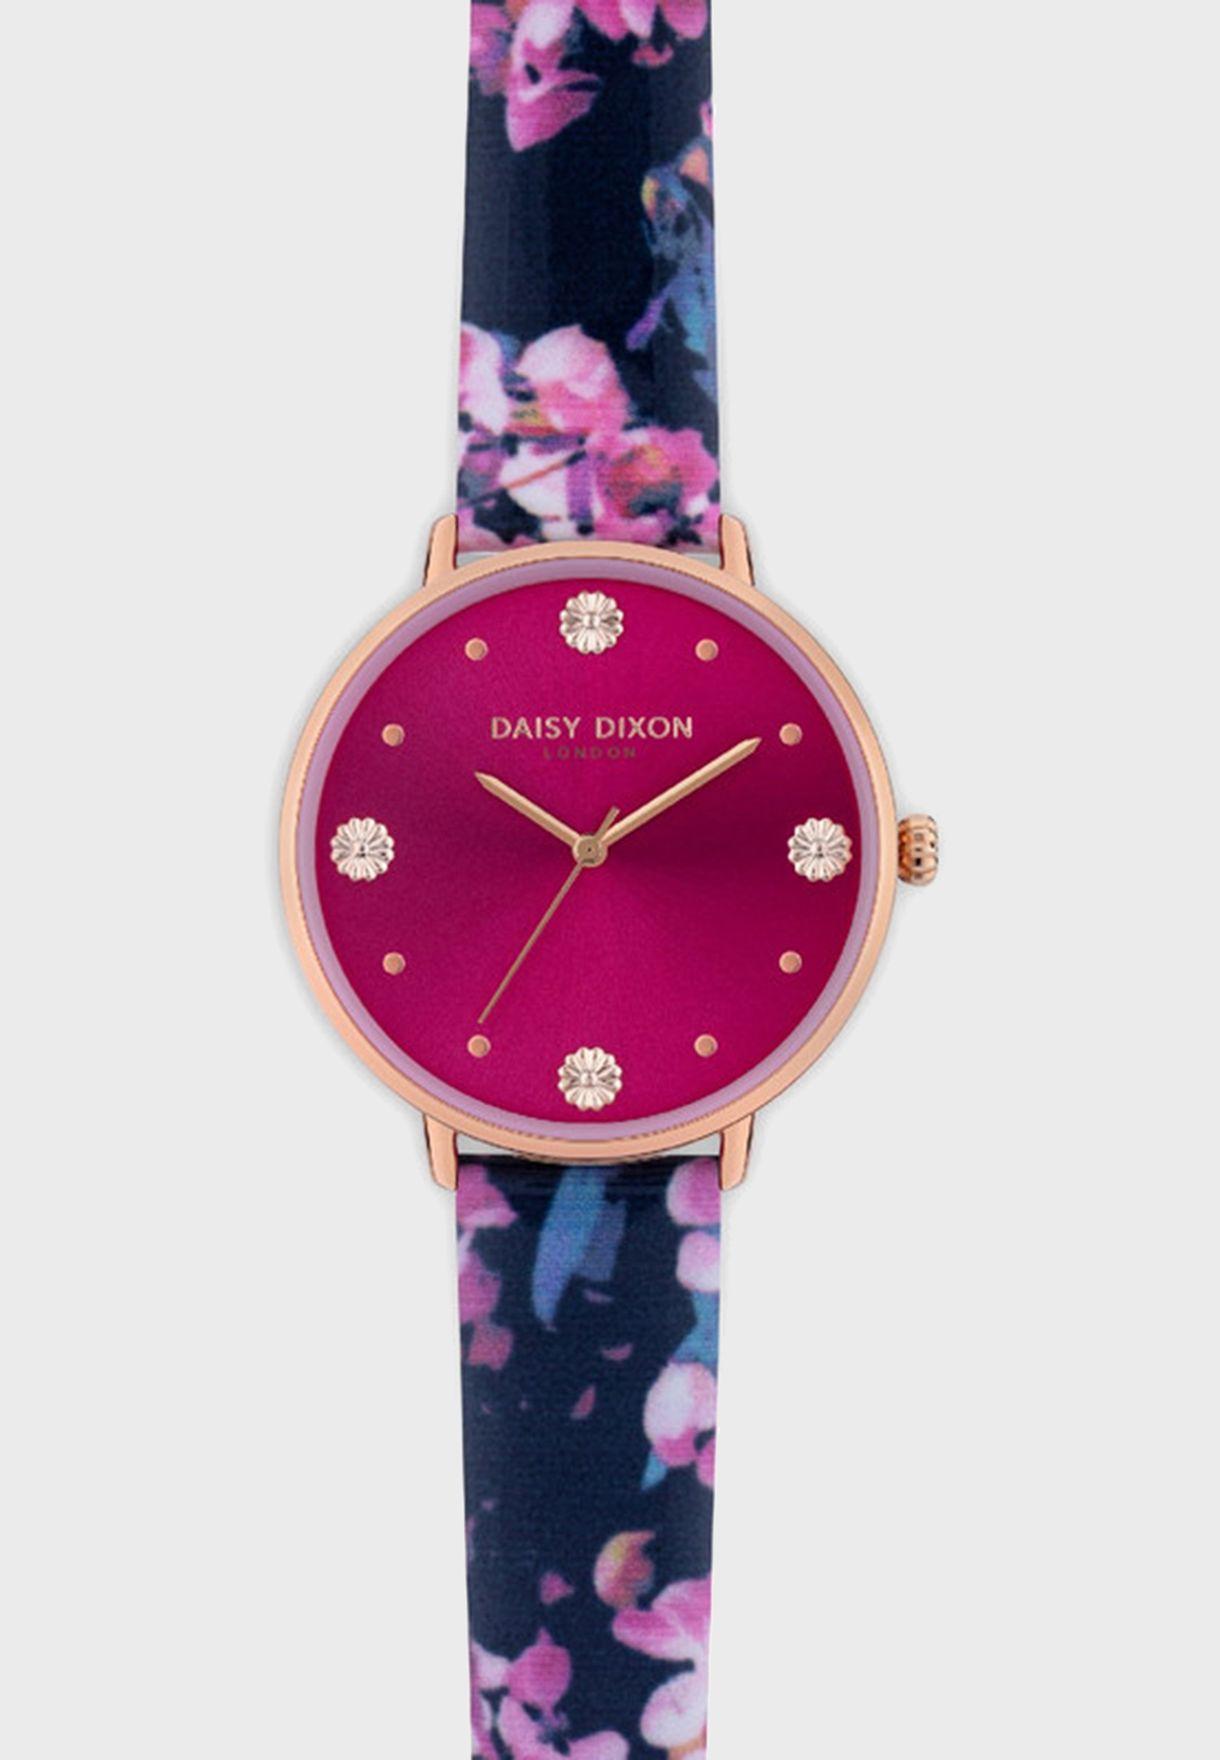 Kendall Quartz Analog Watch With Clutch